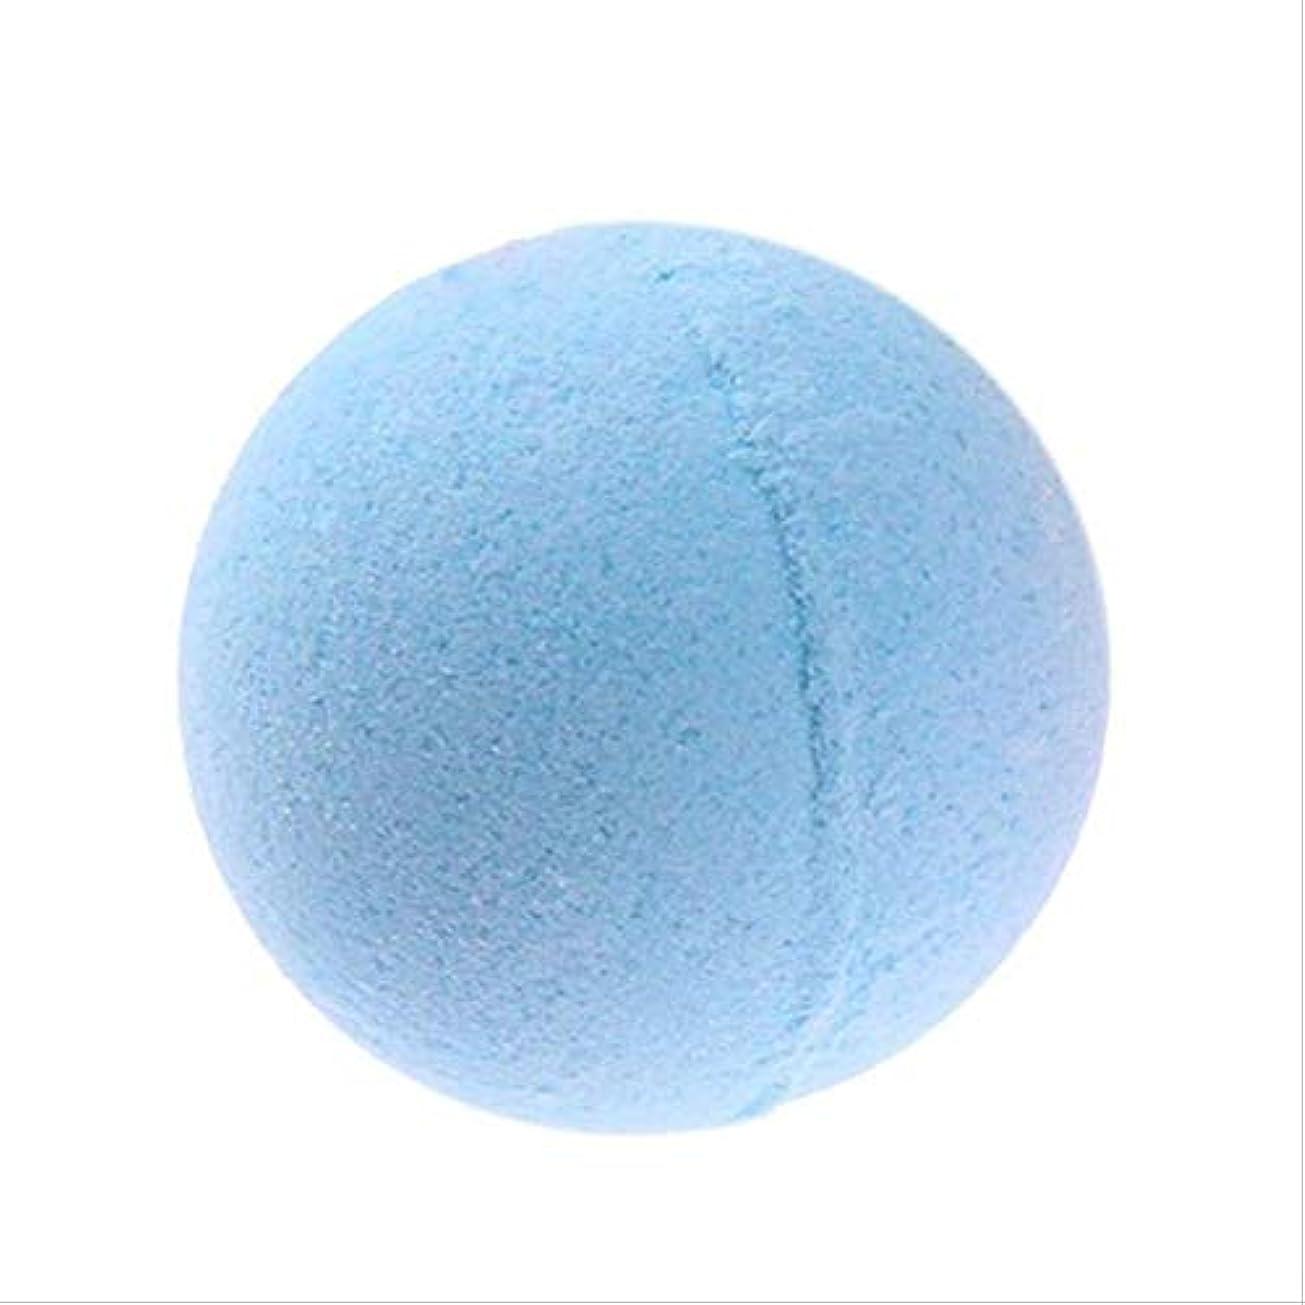 その後ケージ温帯バスソルトフォームシャワーボール 海塩